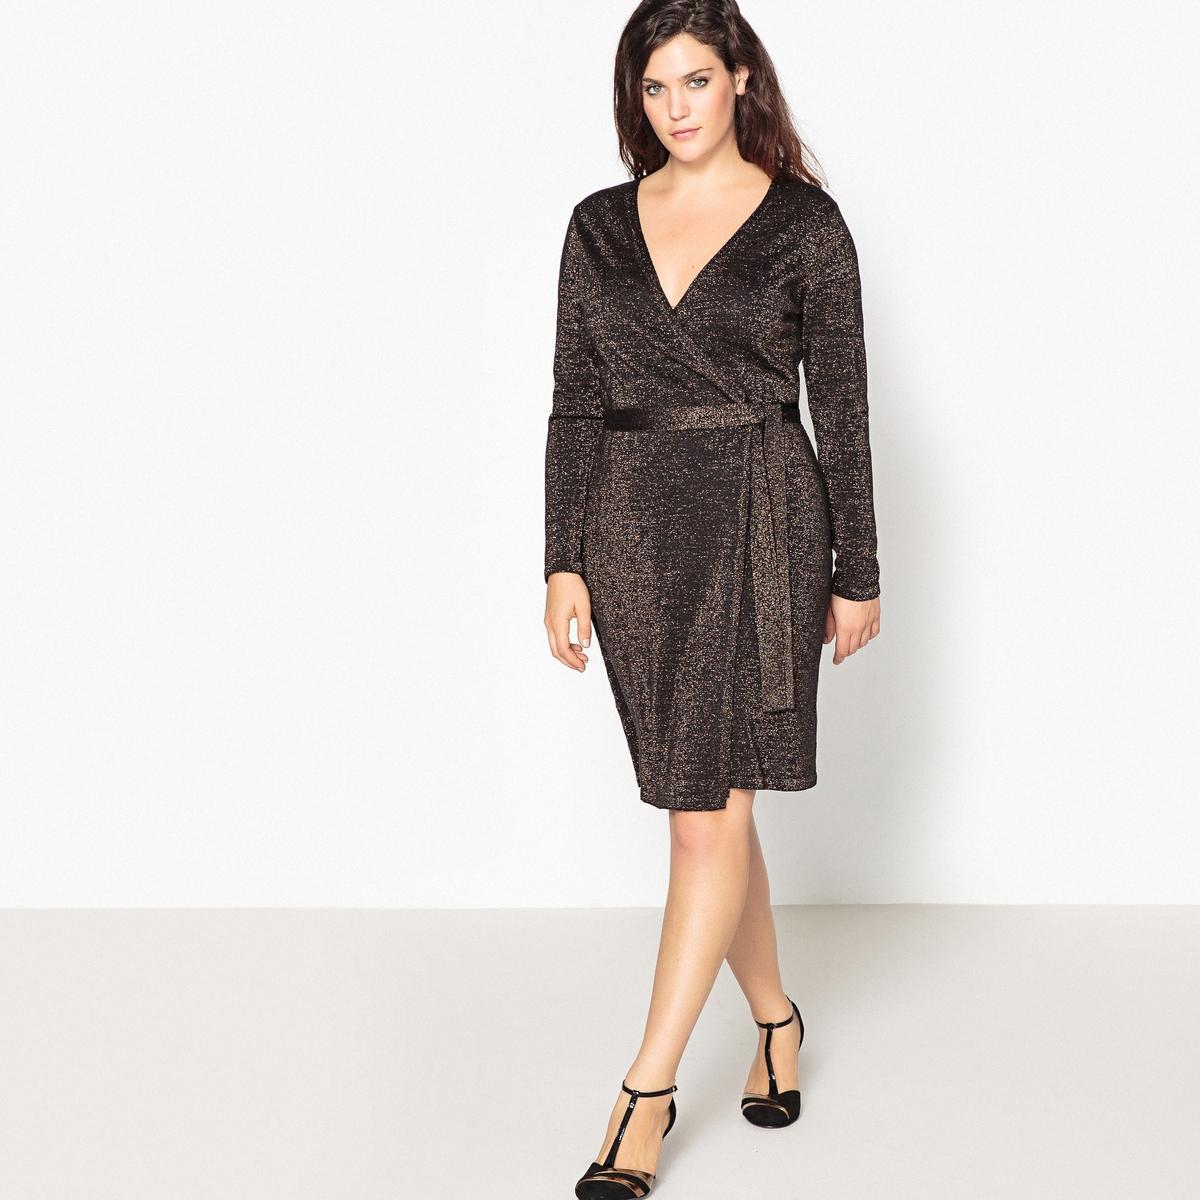 Платье с запахом средней длины и длинными рукавамиОчень элегантное и ультра женственное платье с запахом . Платье с запахом из блестящего трикотажа идеально для вечерних выходов в свет.Детали •  Форма : с запахом  •  Длина до колен •  Длинные рукава    •   V-образный вырезСостав и уход •  84% акрила, 6% металлизированных волокон, 10% полиэстера •  Температура стирки 30° на деликатном режиме   • Низкая температура глажки / не отбеливать   •  Не использовать барабанную сушку • Сухая чистка запрещенаТовар из коллекции больших размеров<br><br>Цвет: черный/золотистый люрекс